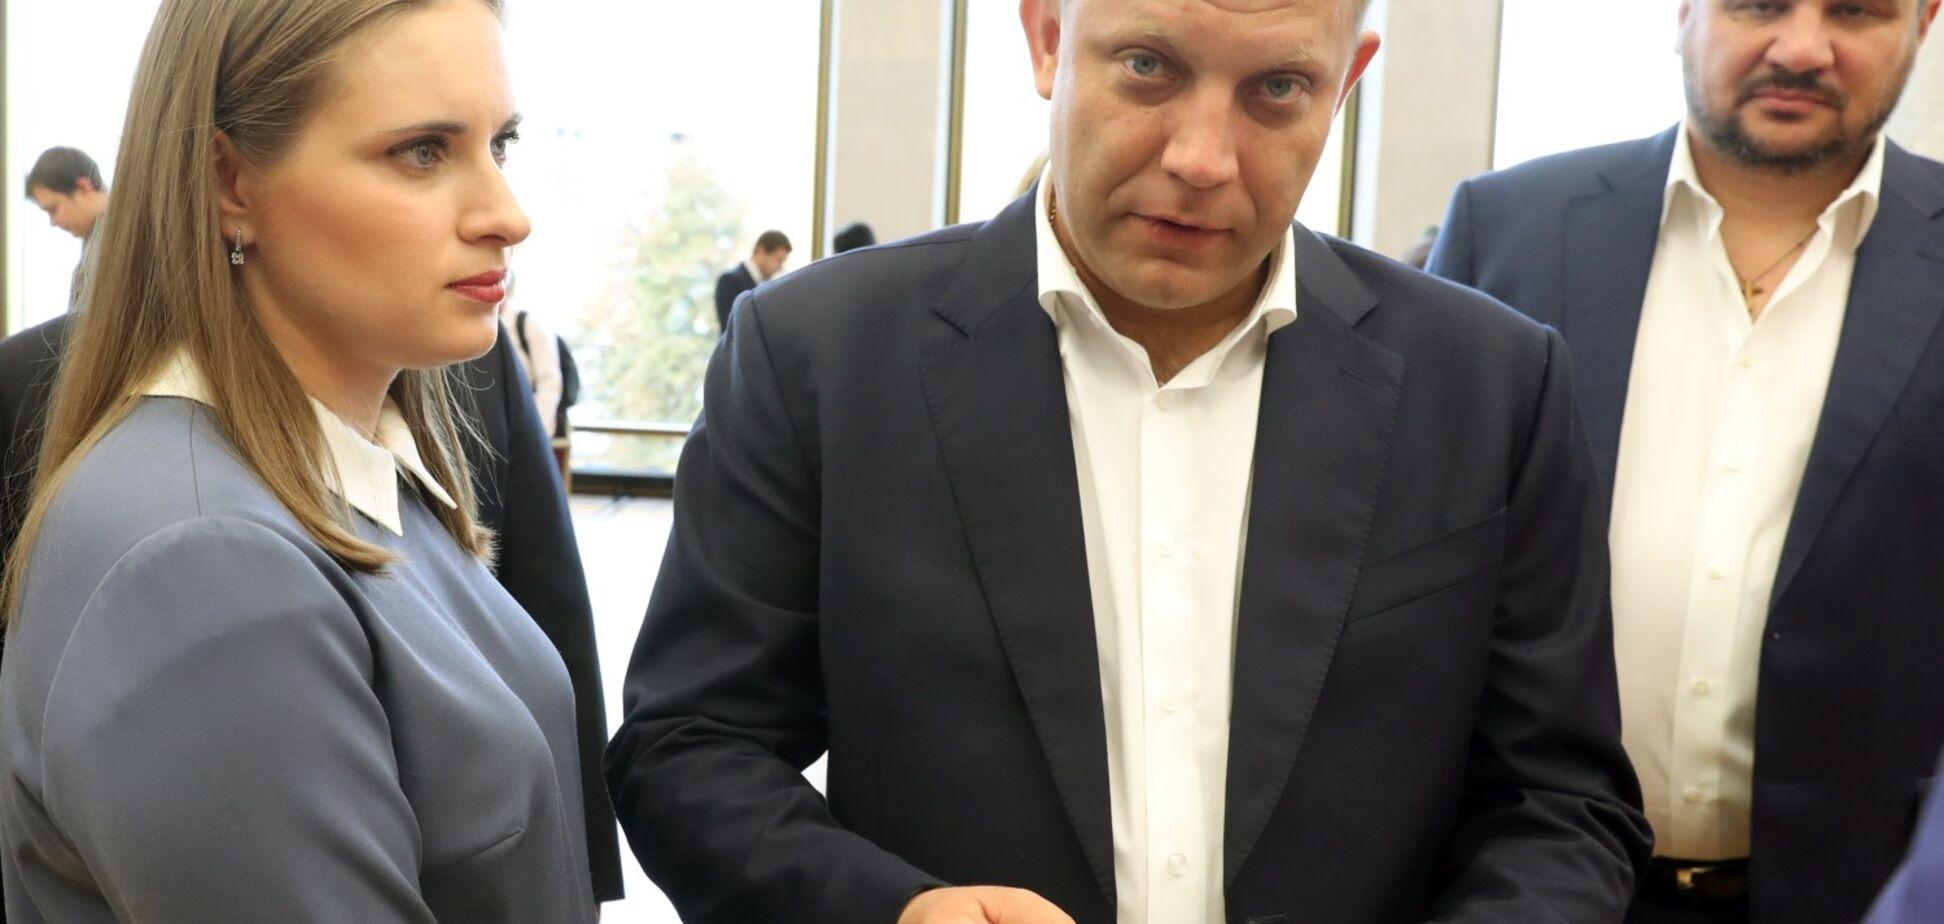 Ватажок 'ДНР' з'явився в Кремль: реакція прес-секретаря Путіна